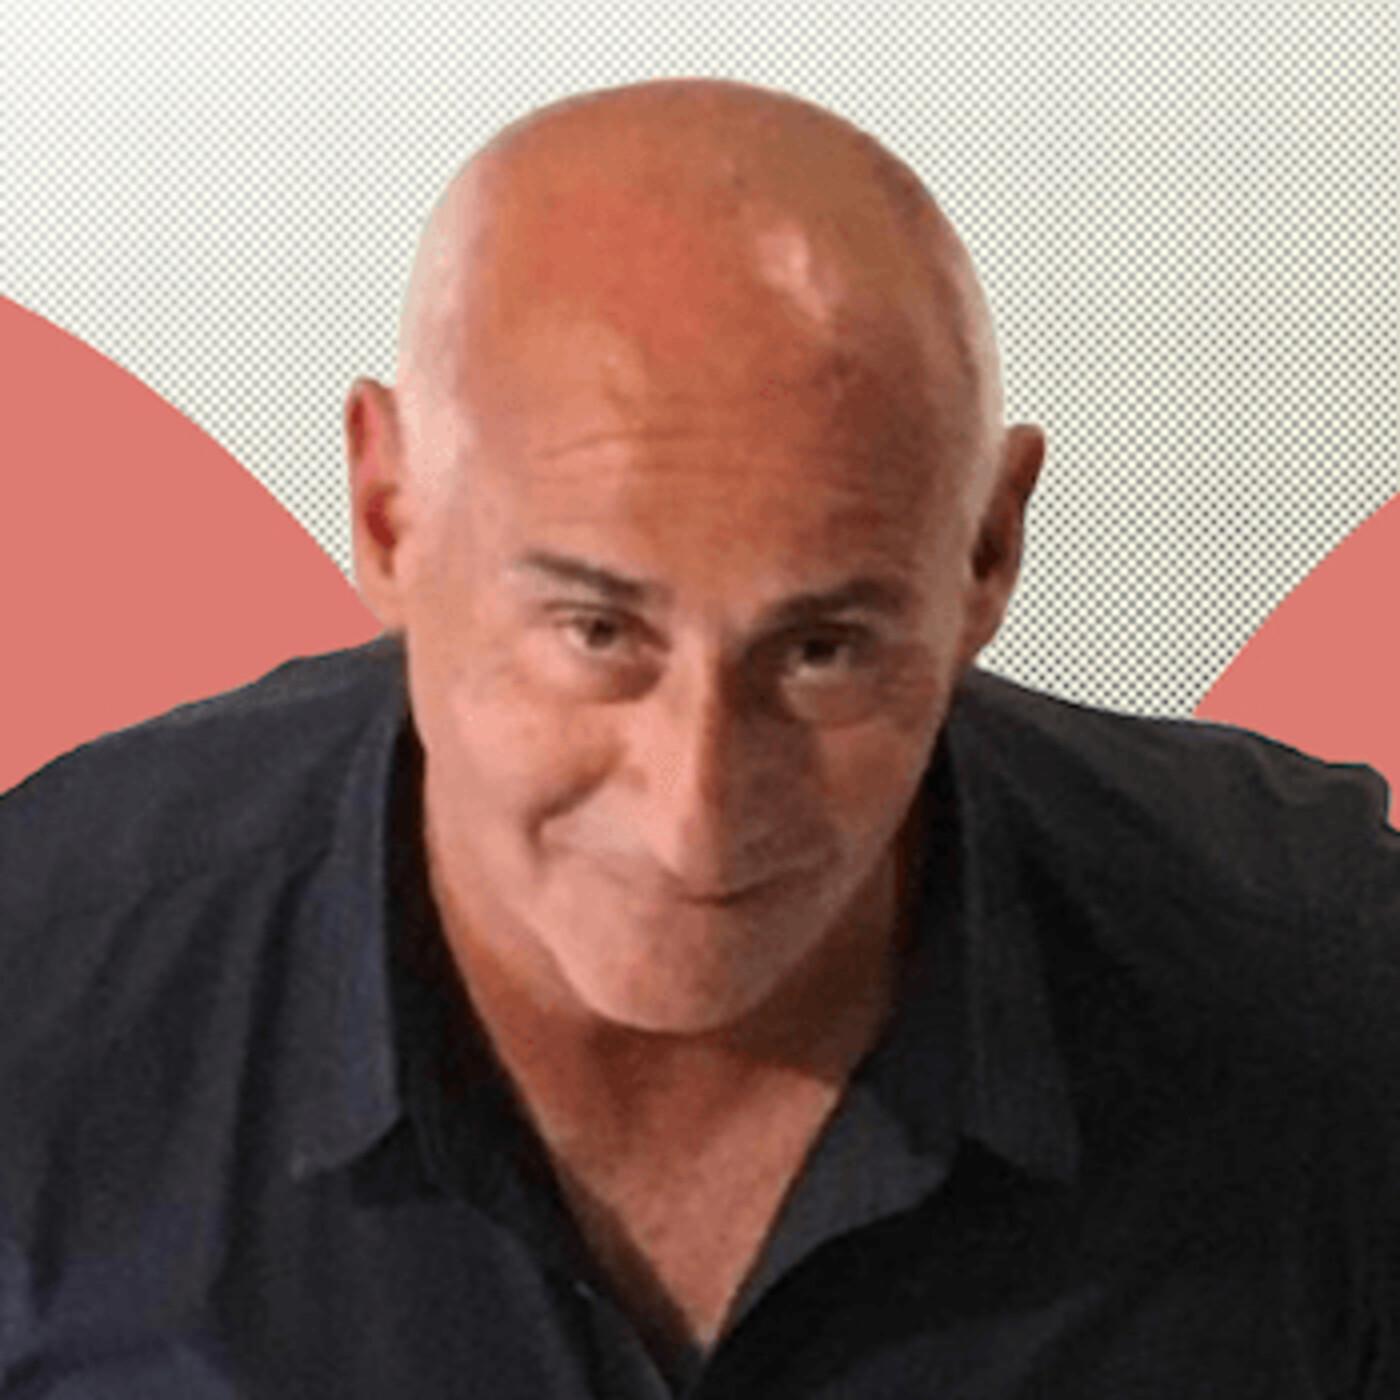 Juan Antonio Narvaez